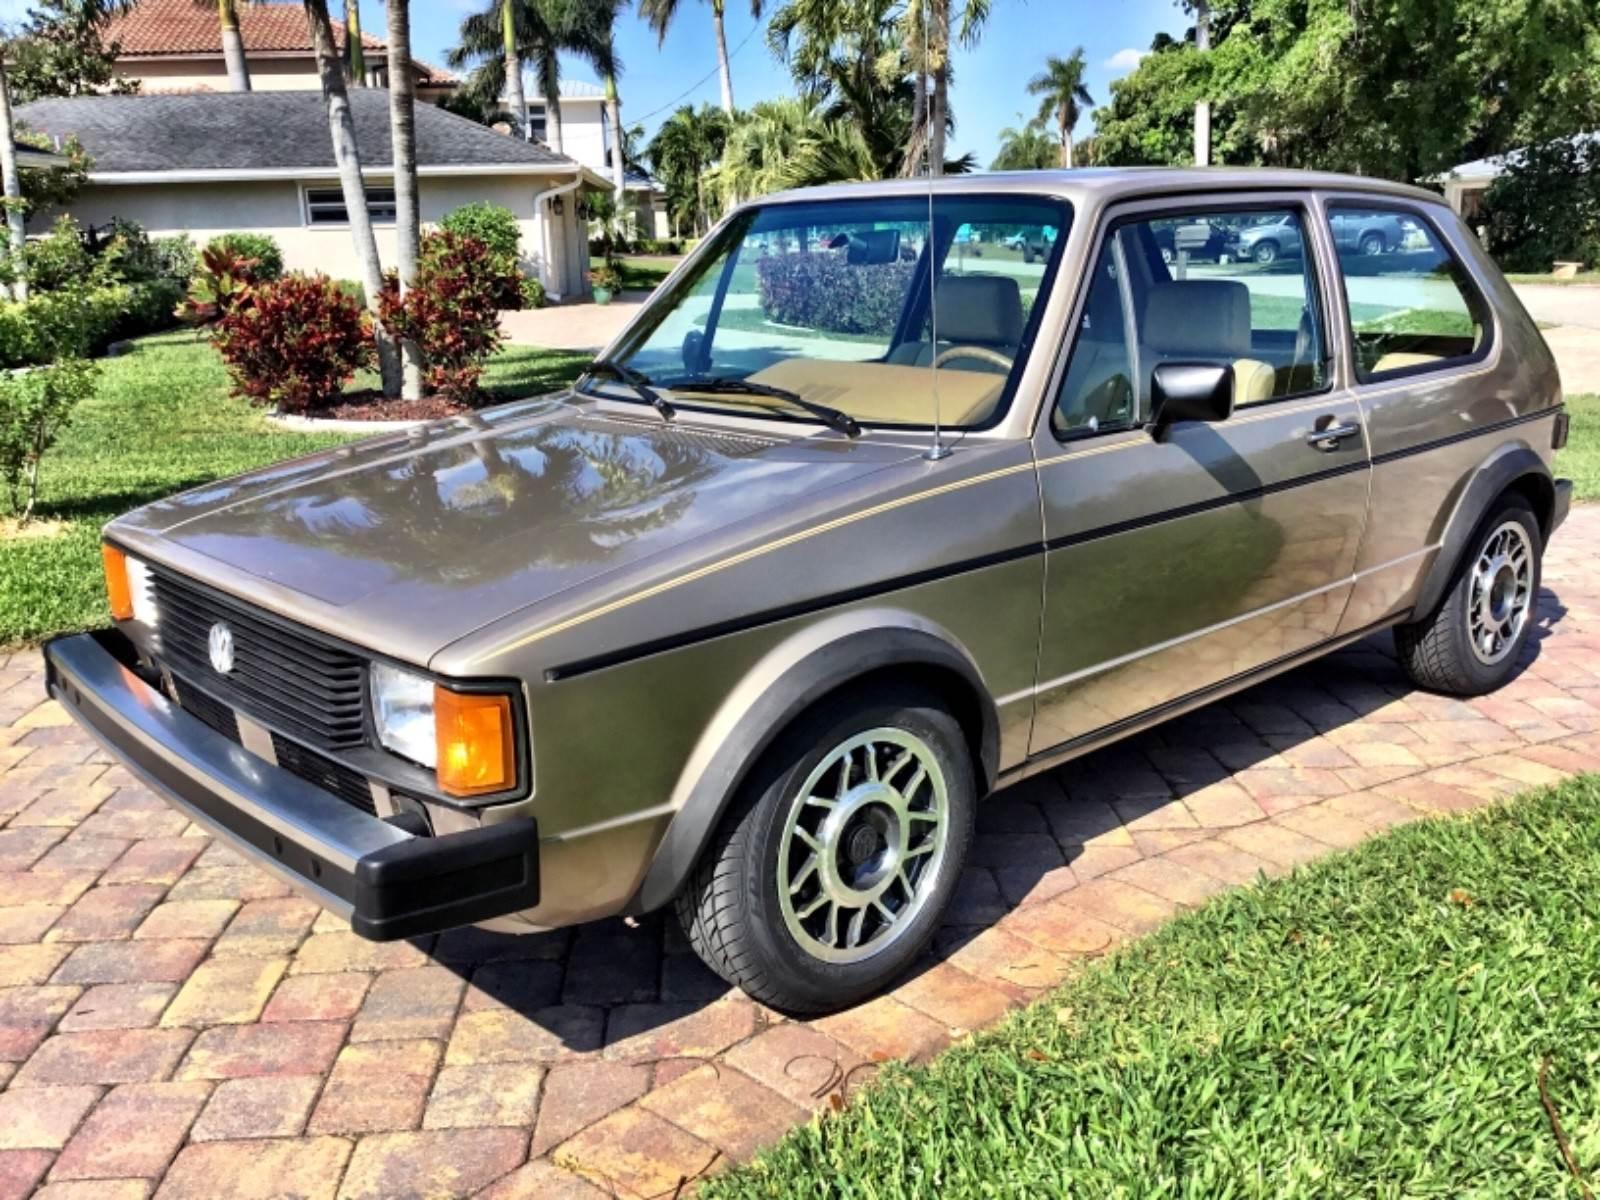 1983 Volkswagen Rabbit front 3/4